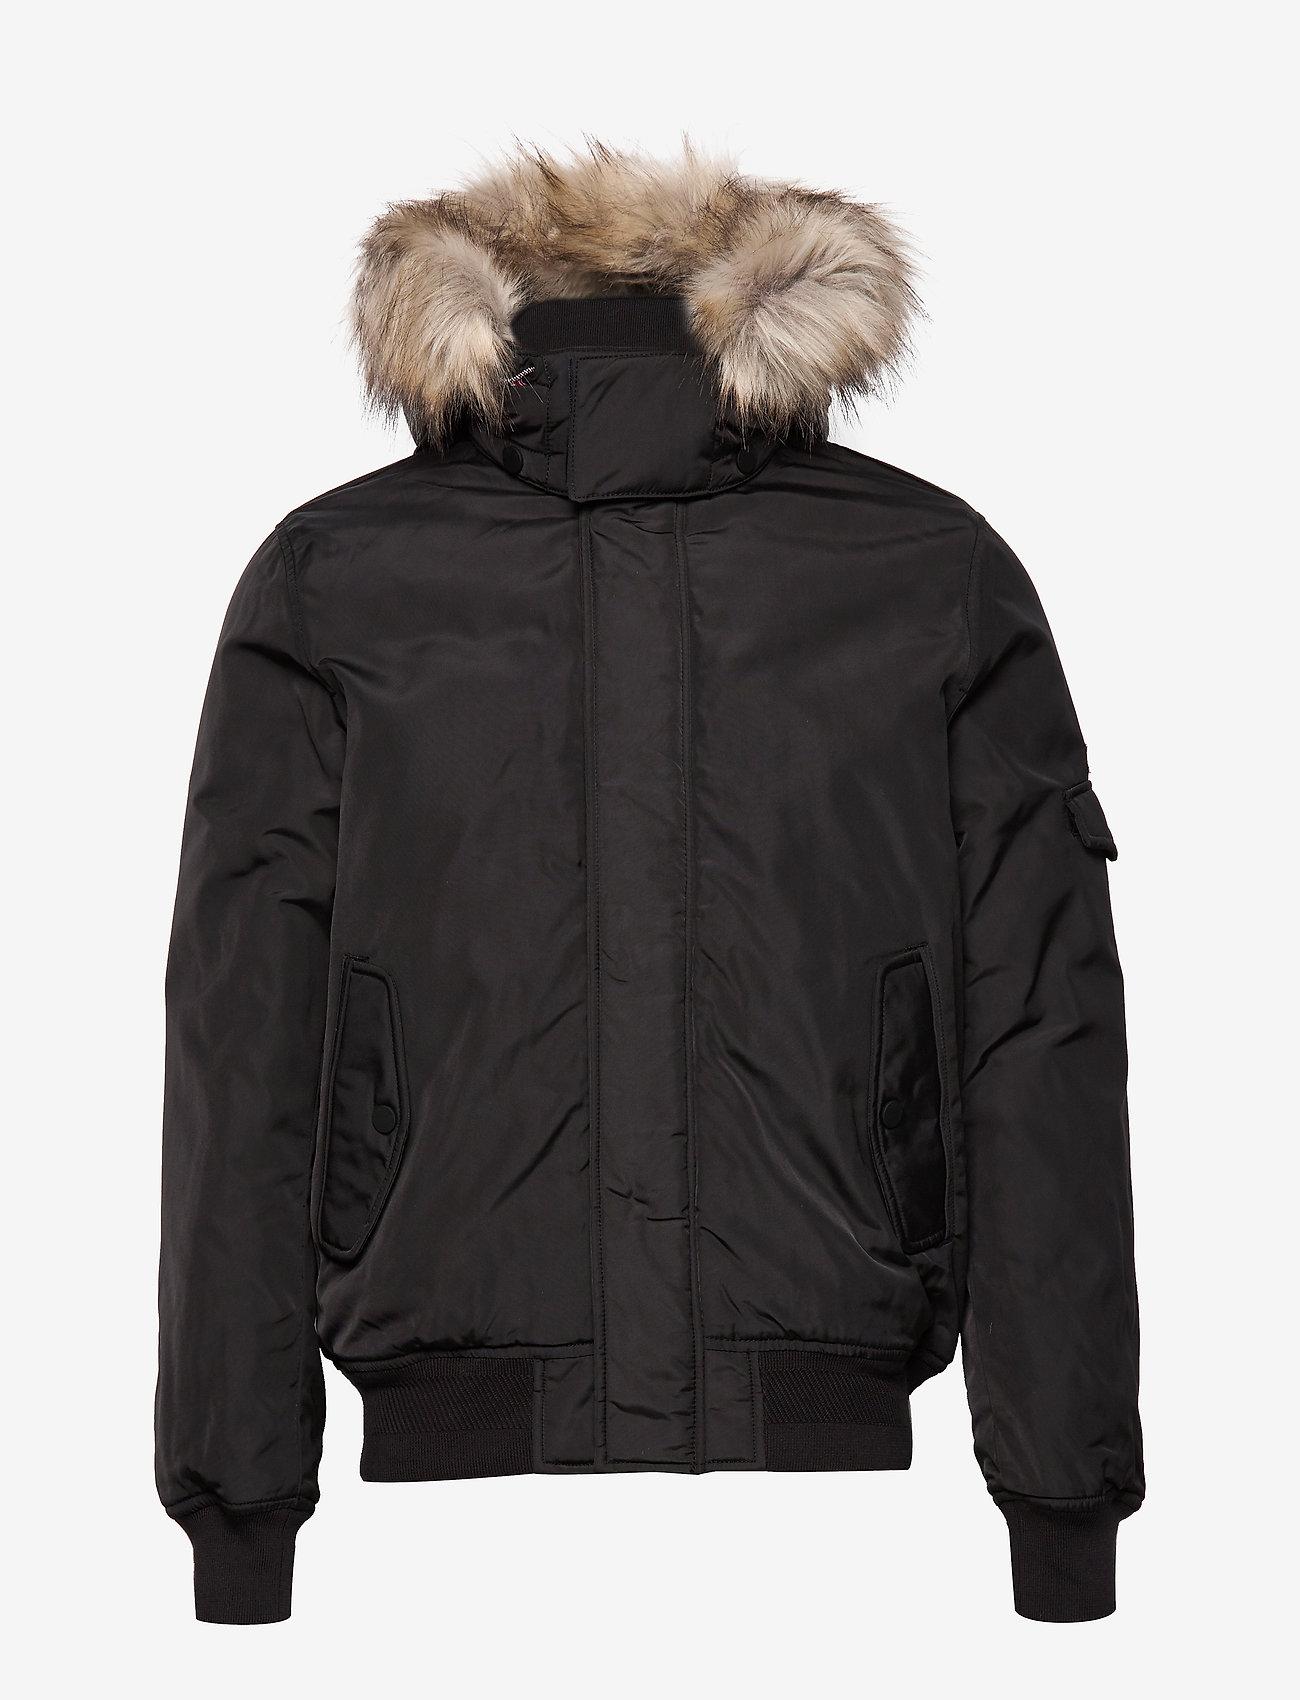 Tommy Jeans - TJM TECH JACKET - padded jackets - tommy black - 1